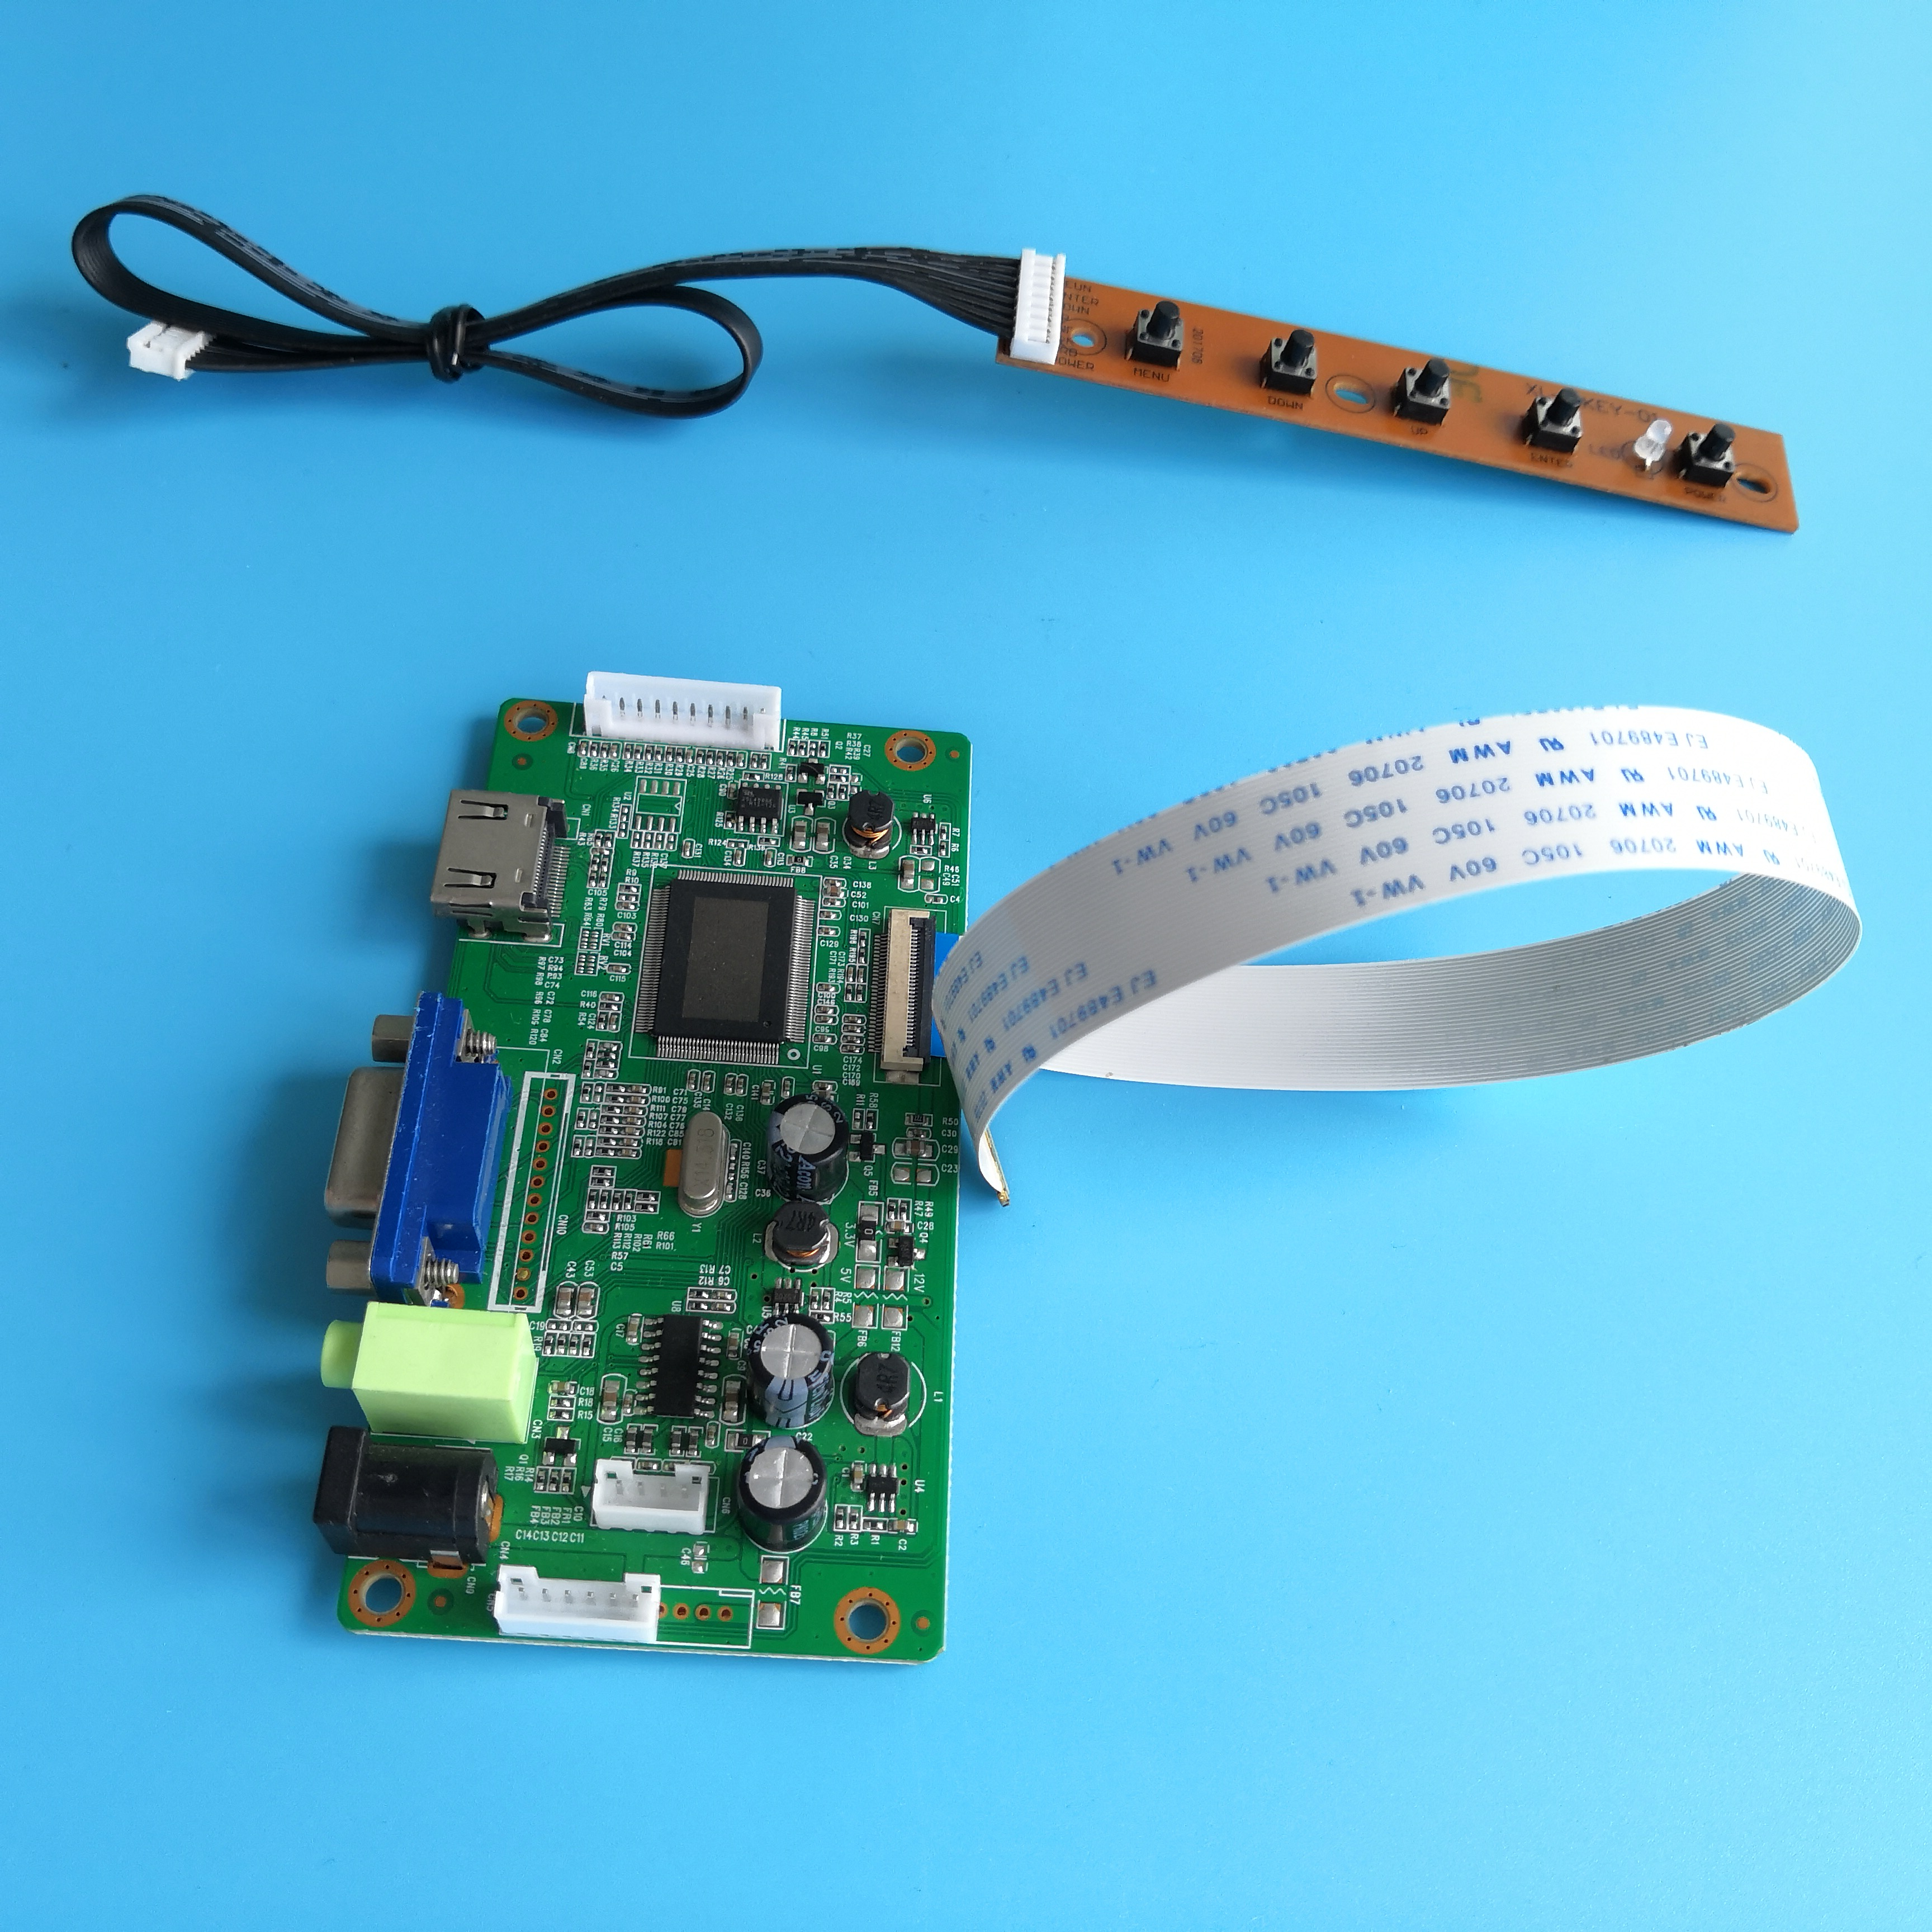 HDMI+DVI+VGA LCD Display Controller Board Kit for WLED LVDS 40pin LTN156AT19-001